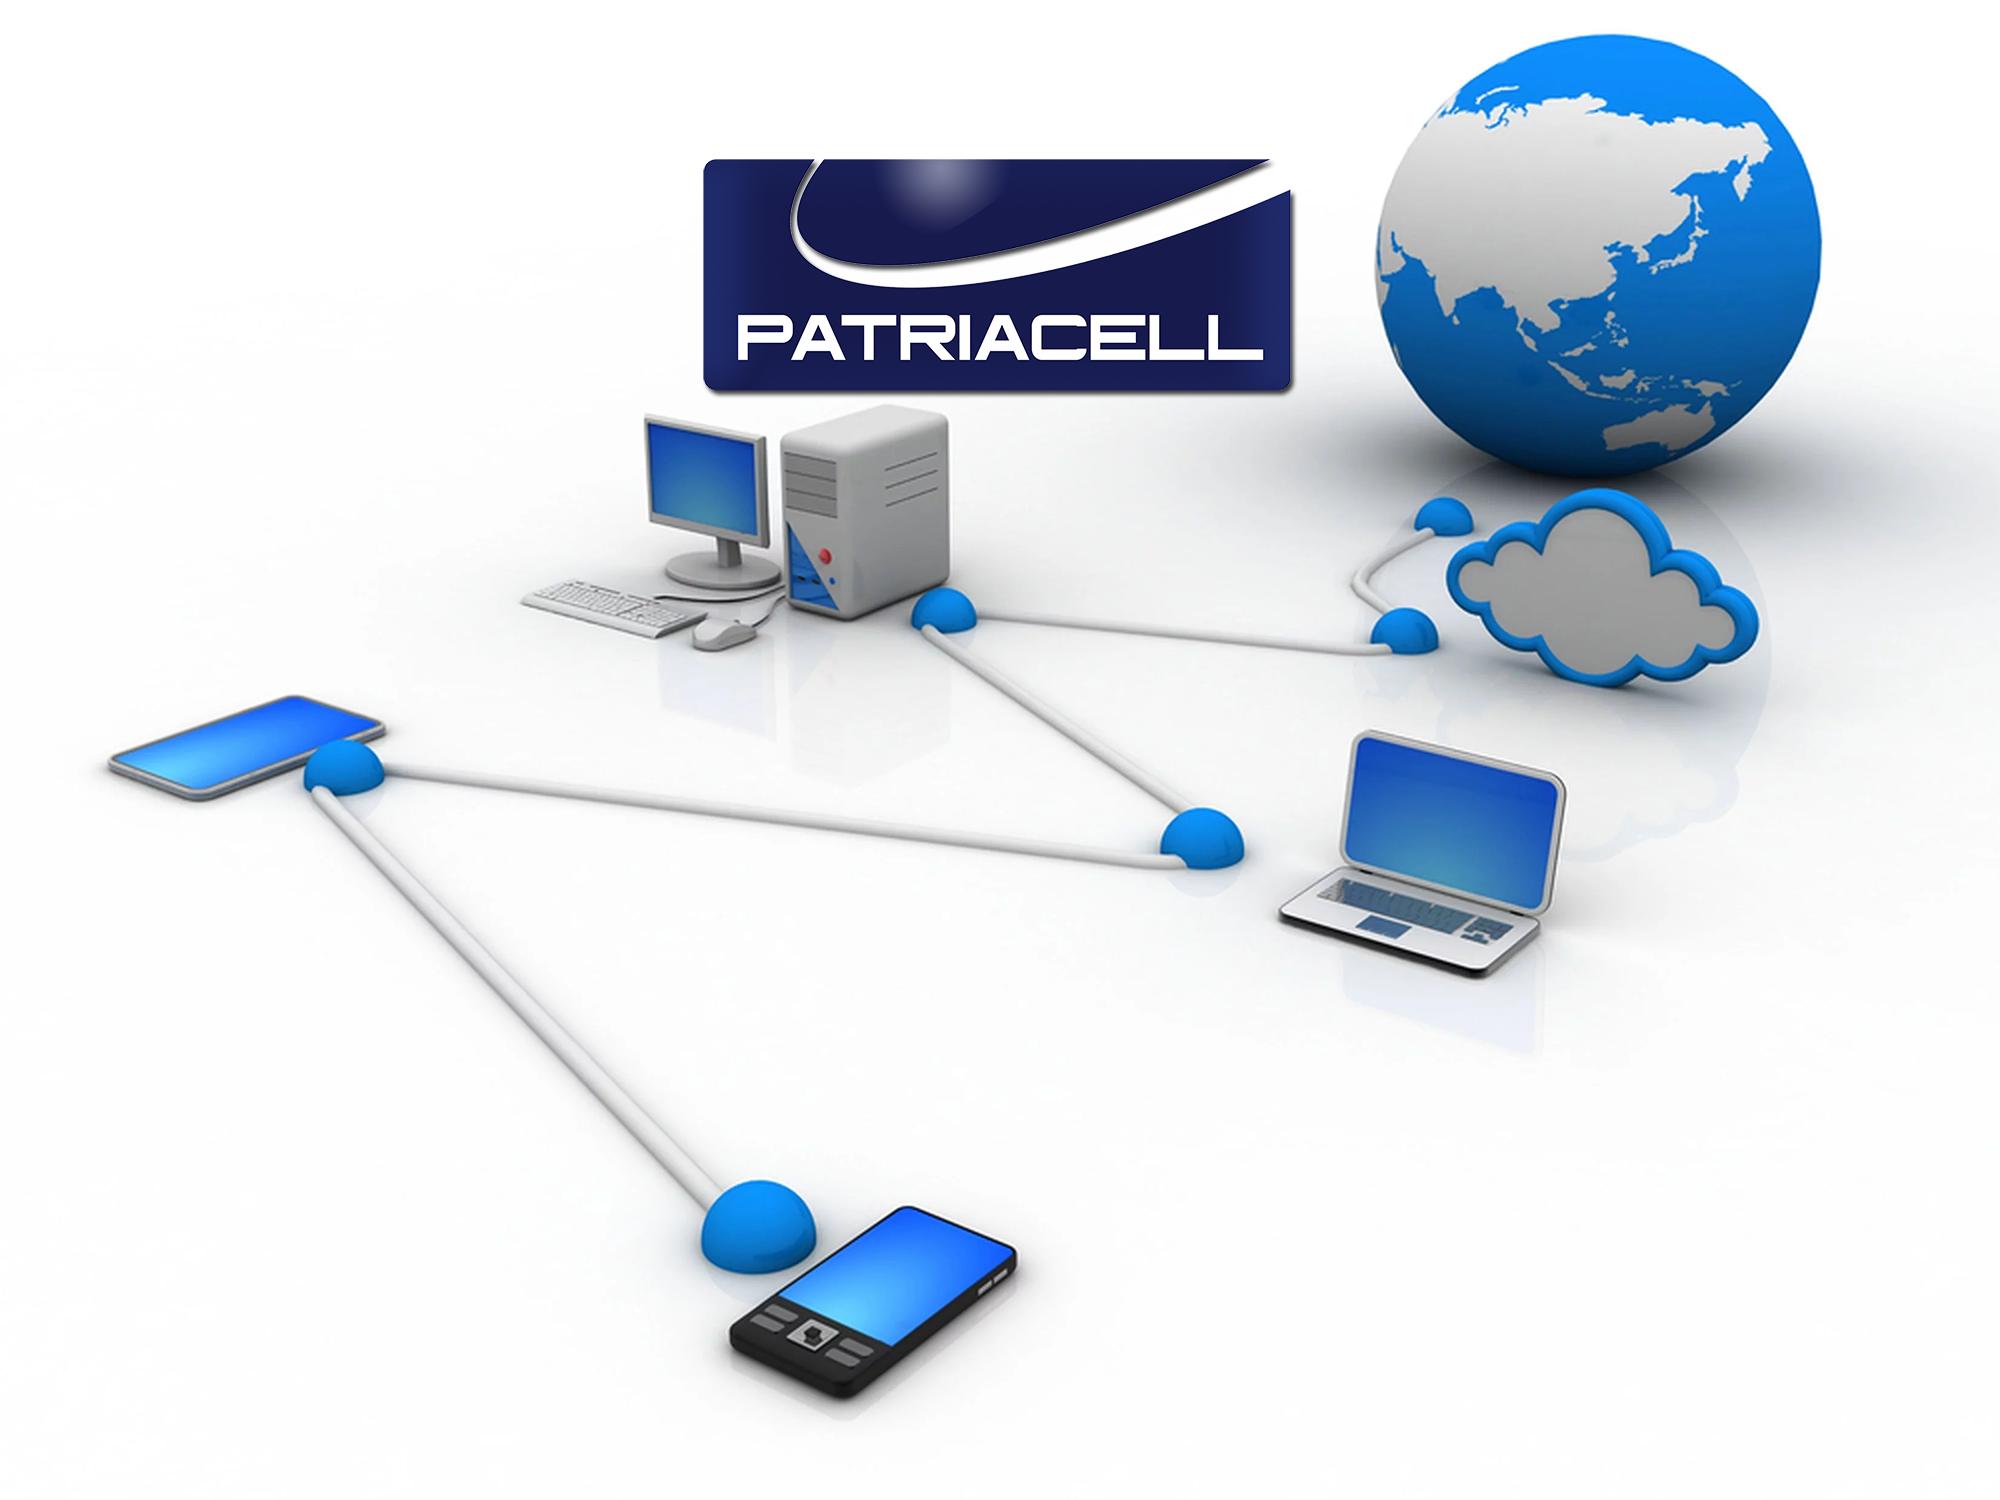 Gama completa de soluciones que se adaptan al tamaño y necesidad de cada empresa. Brindamos conexiones fijas con enlaces dedicados punto a punto y altos anchos de banda, transporte de datos y servicios sobre Internet.